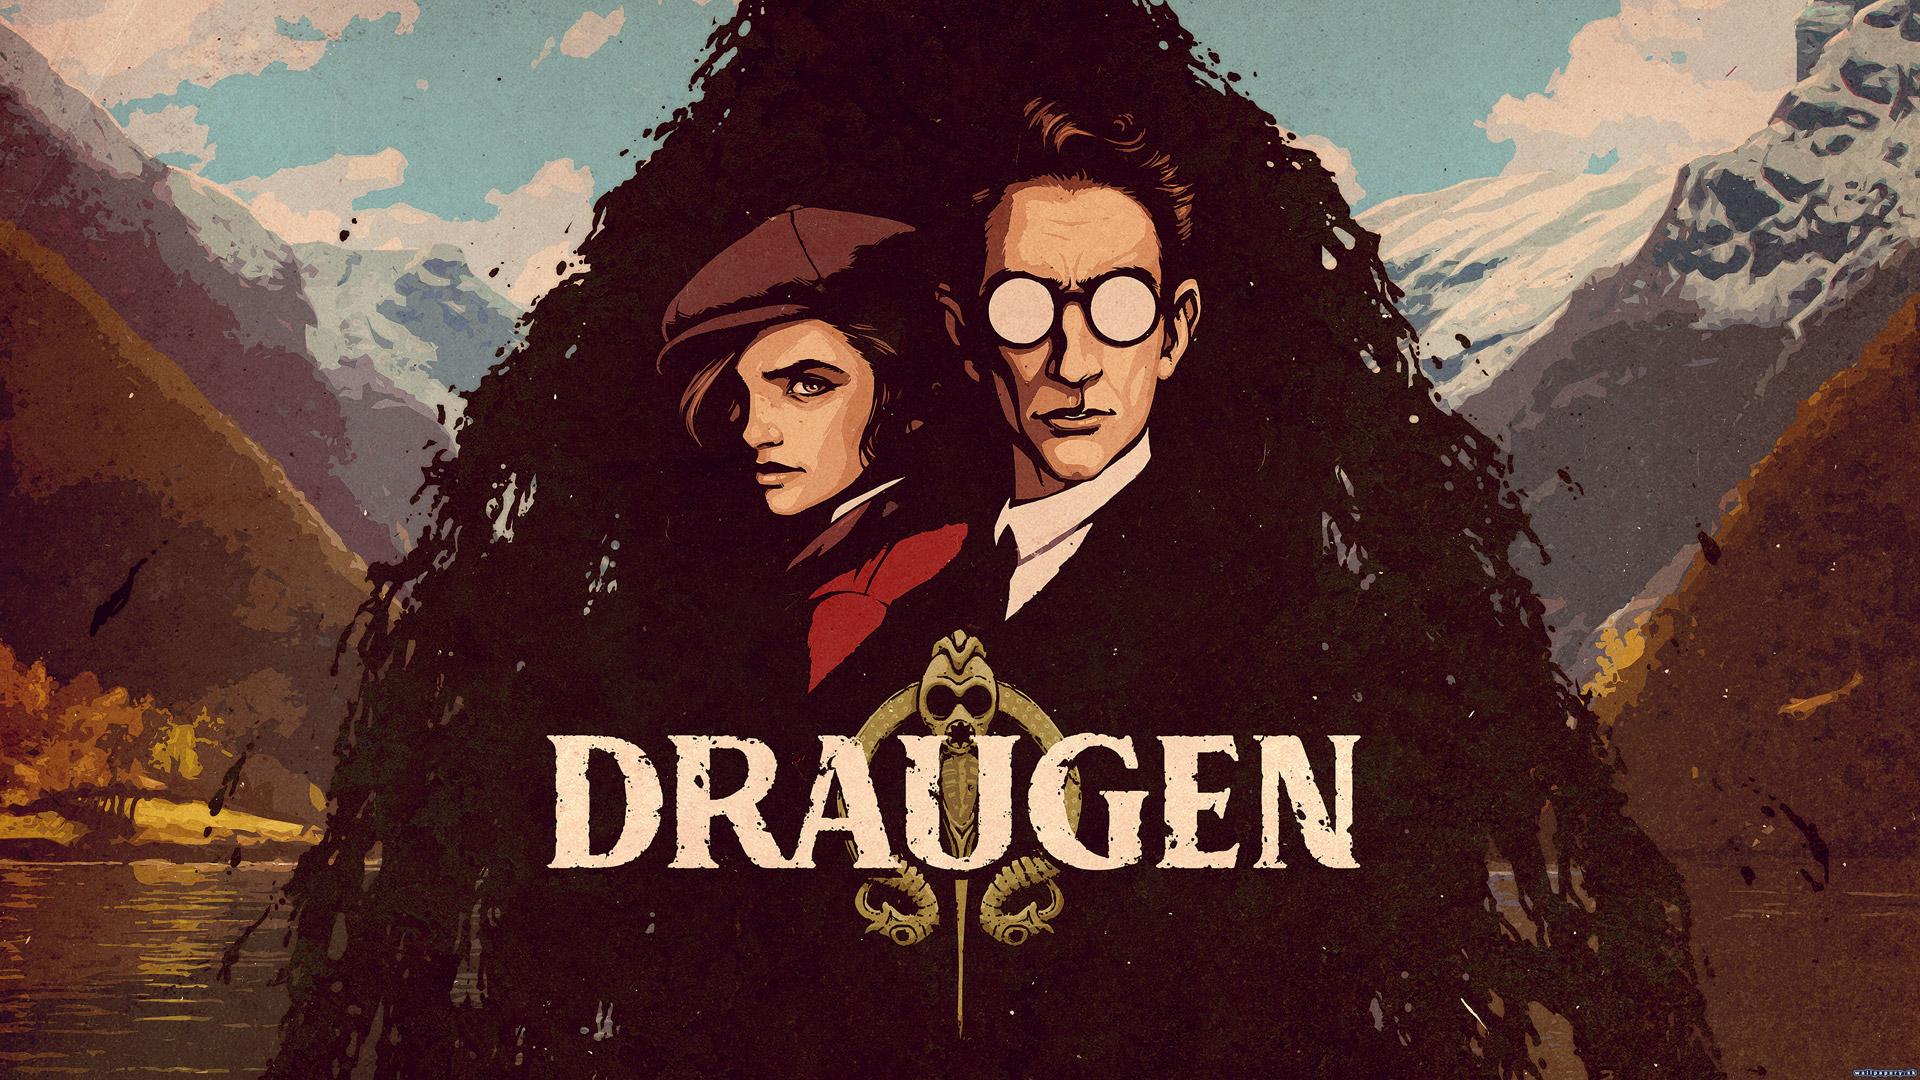 Free Draugen Wallpaper in 1920x1080